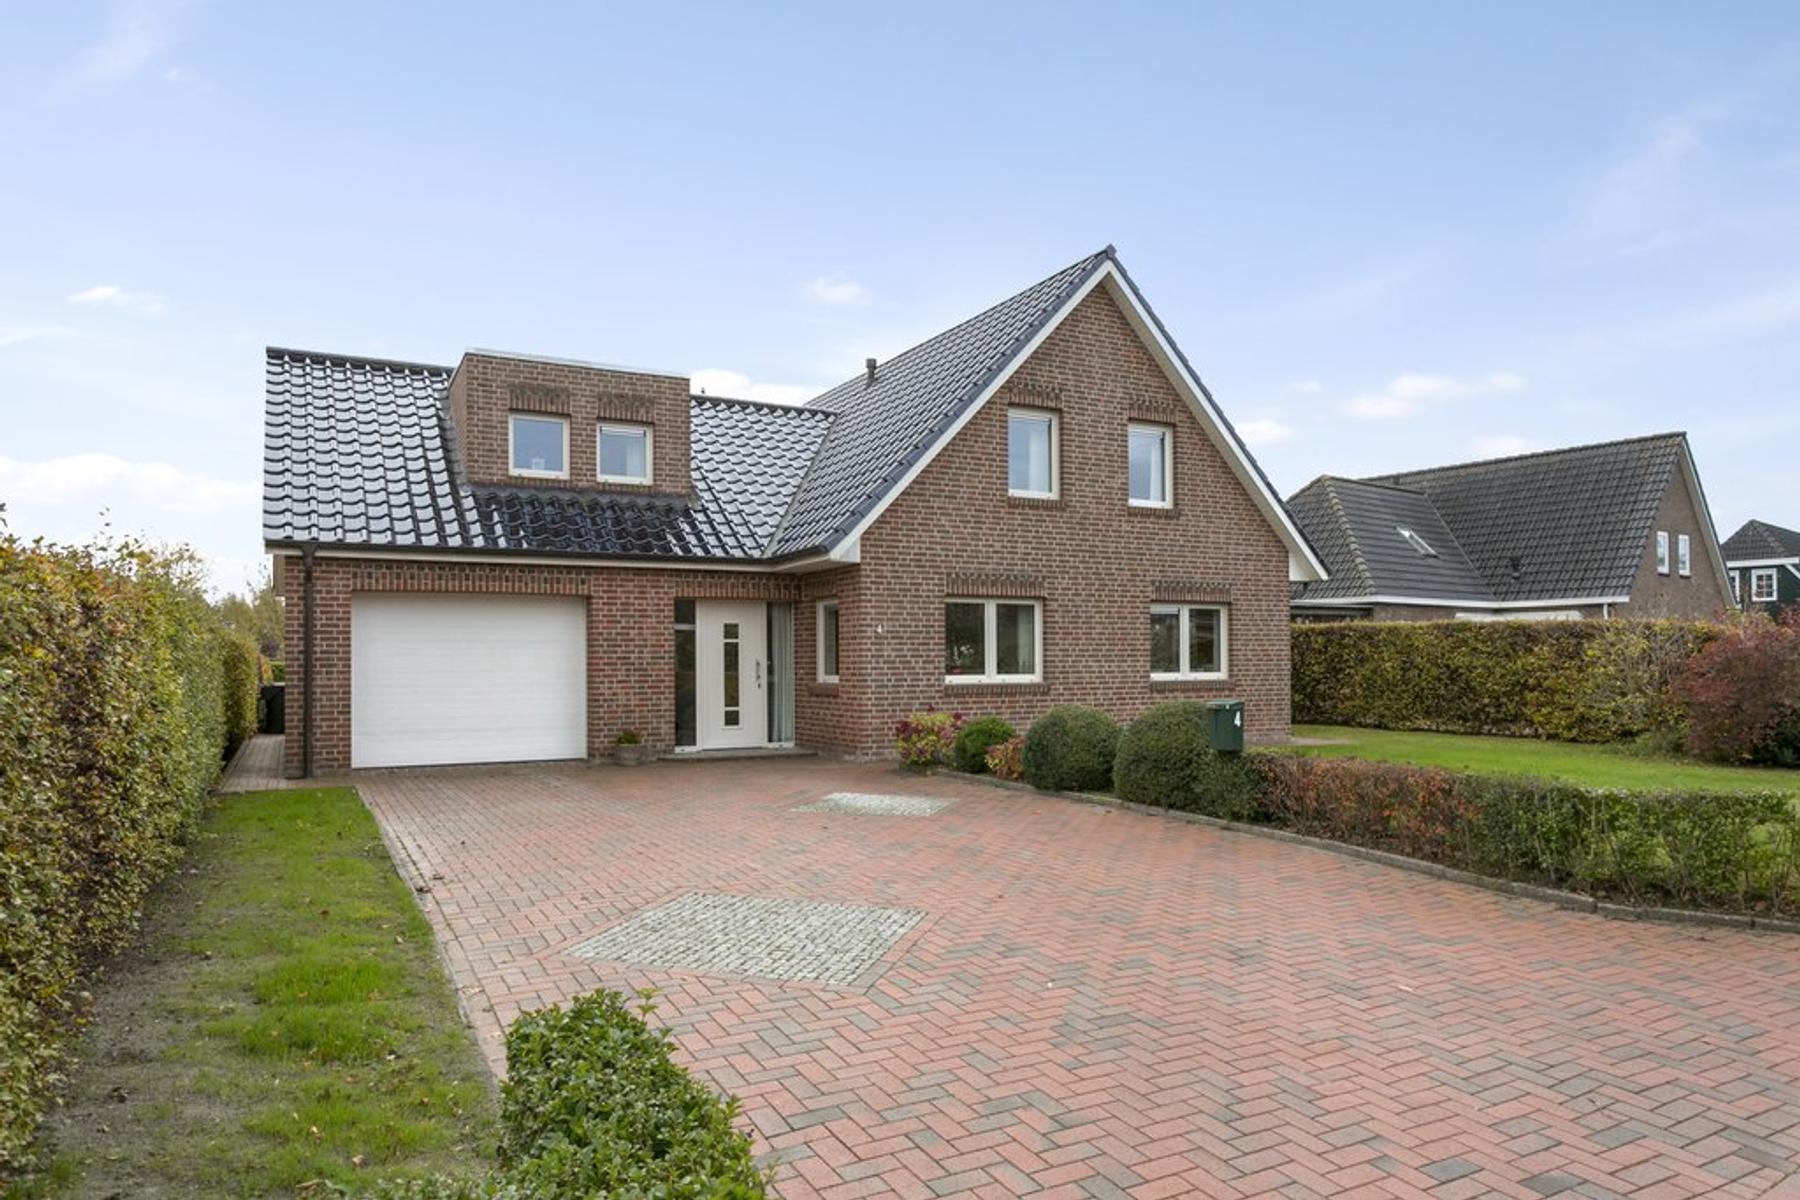 Everdina Van Berumlaan 4 in Uithuizen 9981 NP